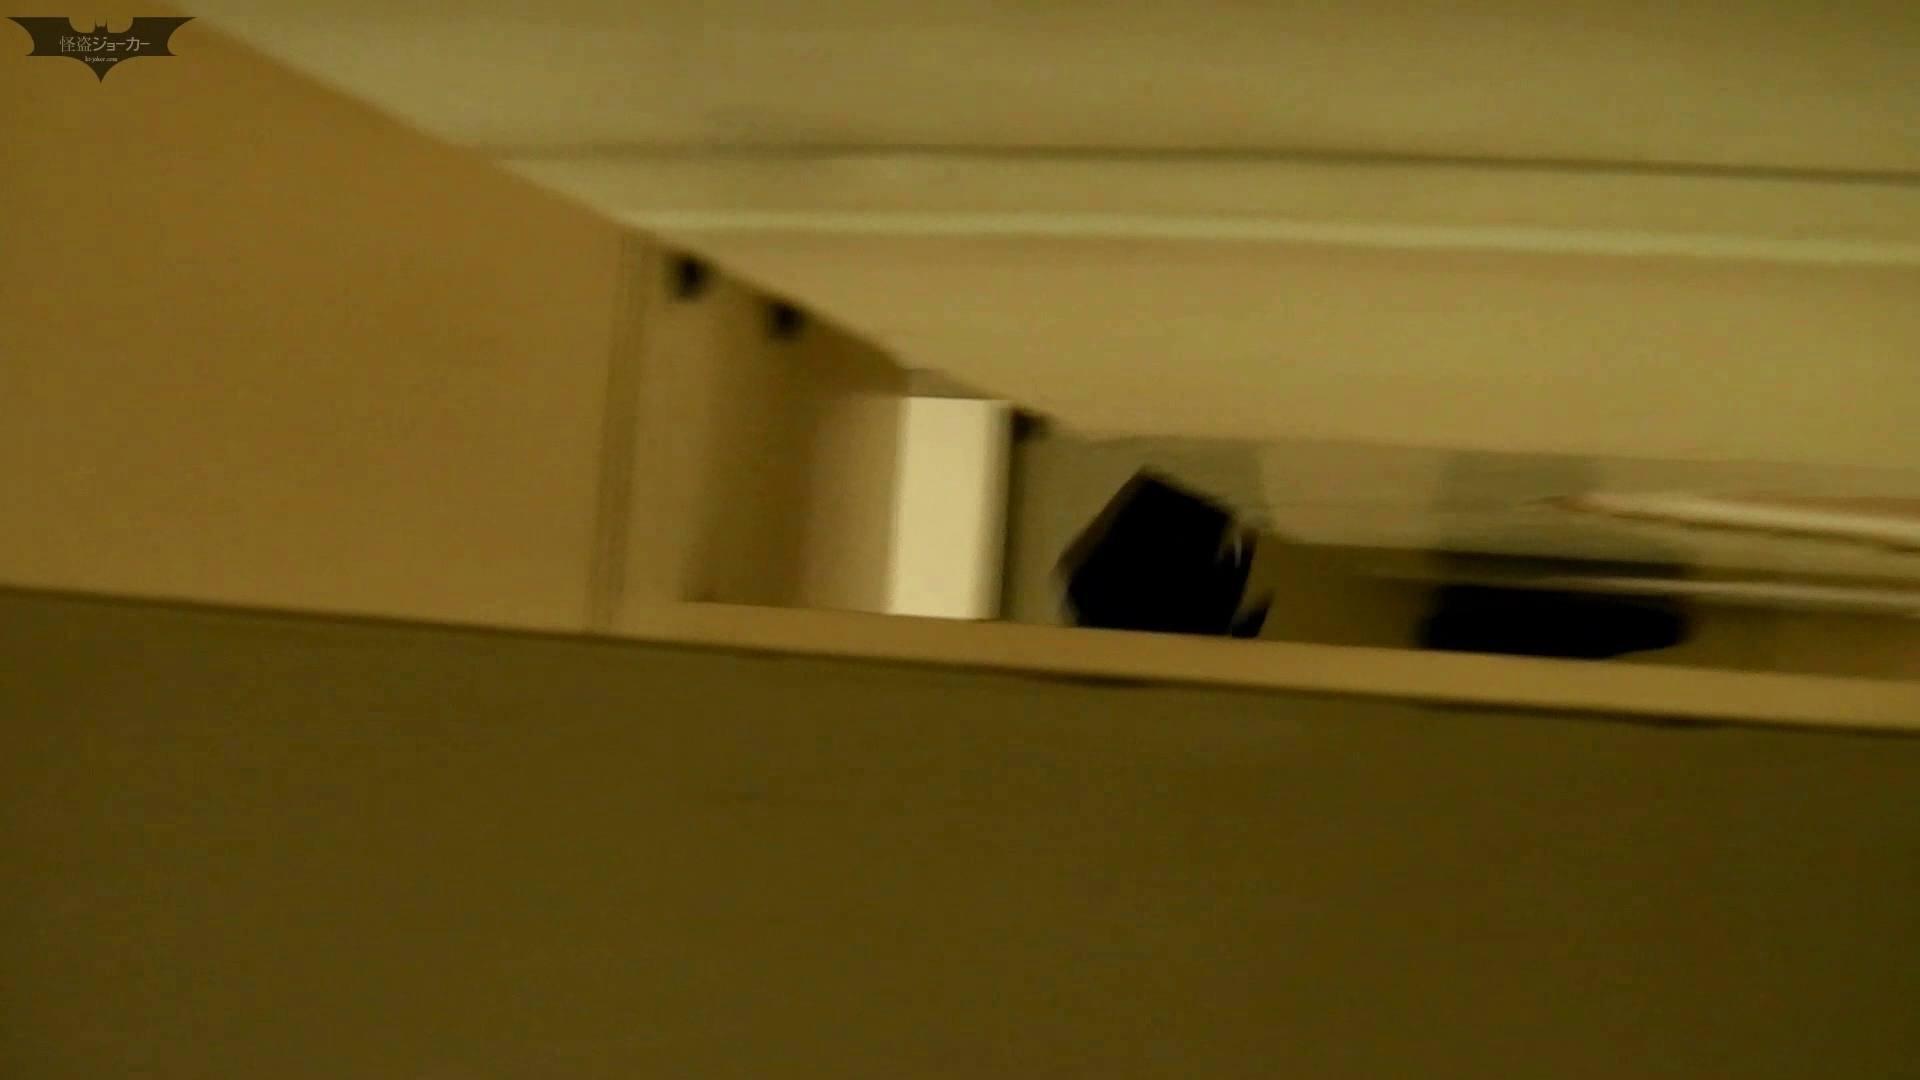 新世界の射窓 No64日本ギャル登場か?ハイヒール大特集! ギャルハメ撮り  62Pix 10